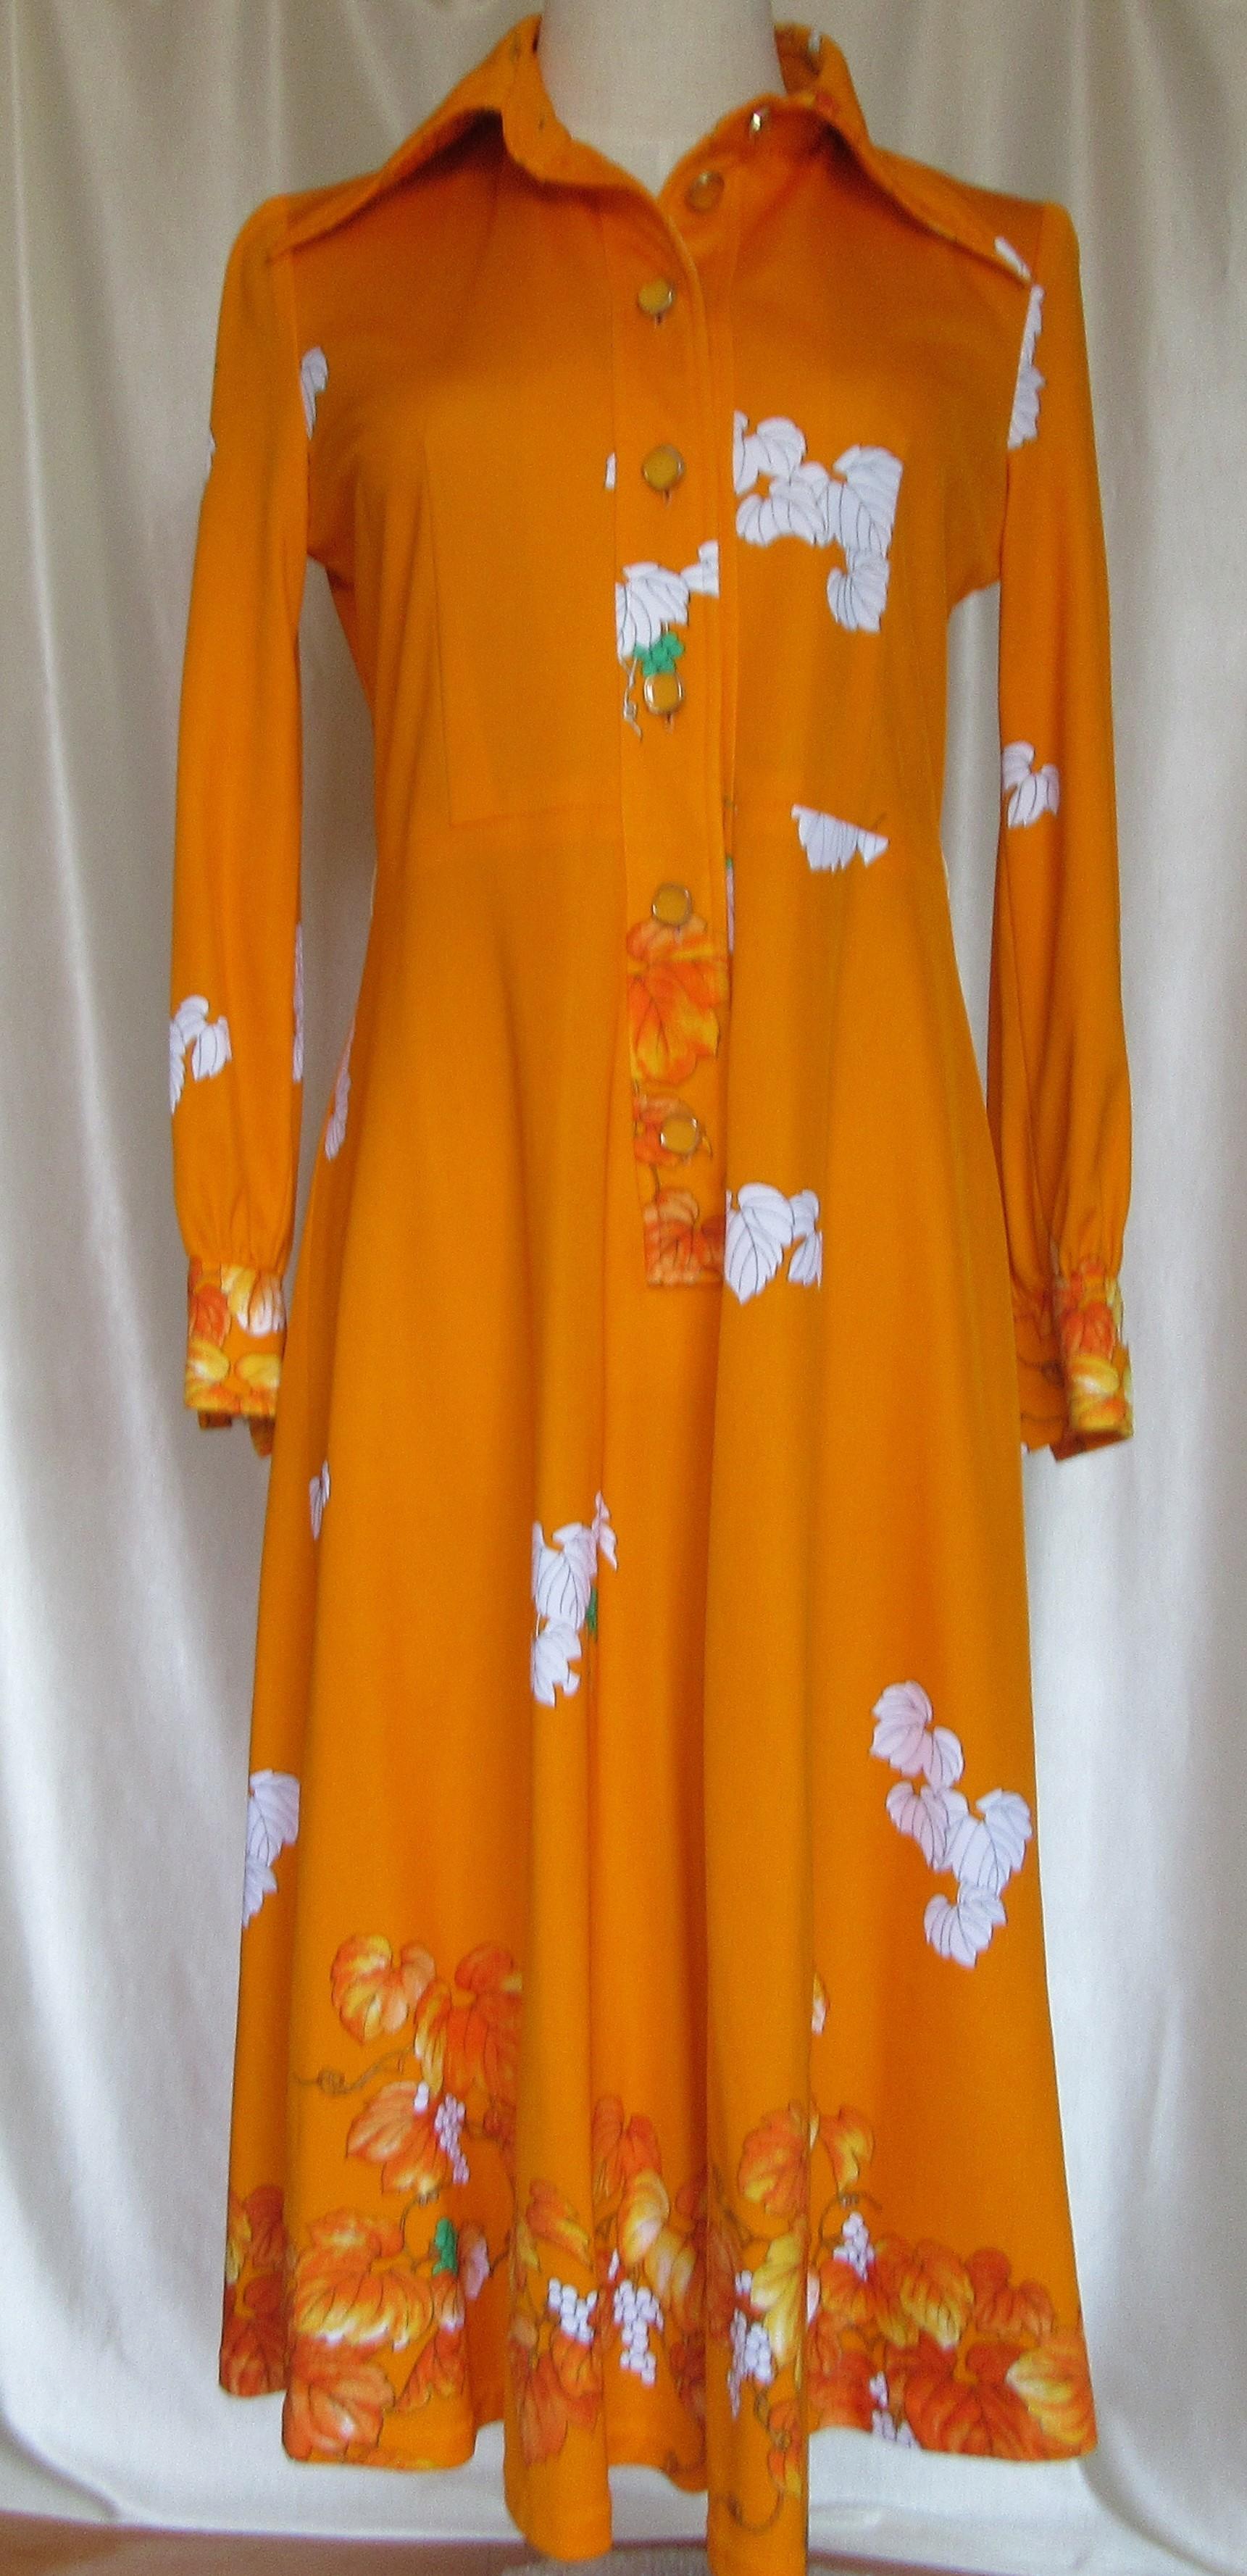 昭和レトロファッション古着 ワンピース オレンジ フレアースカート